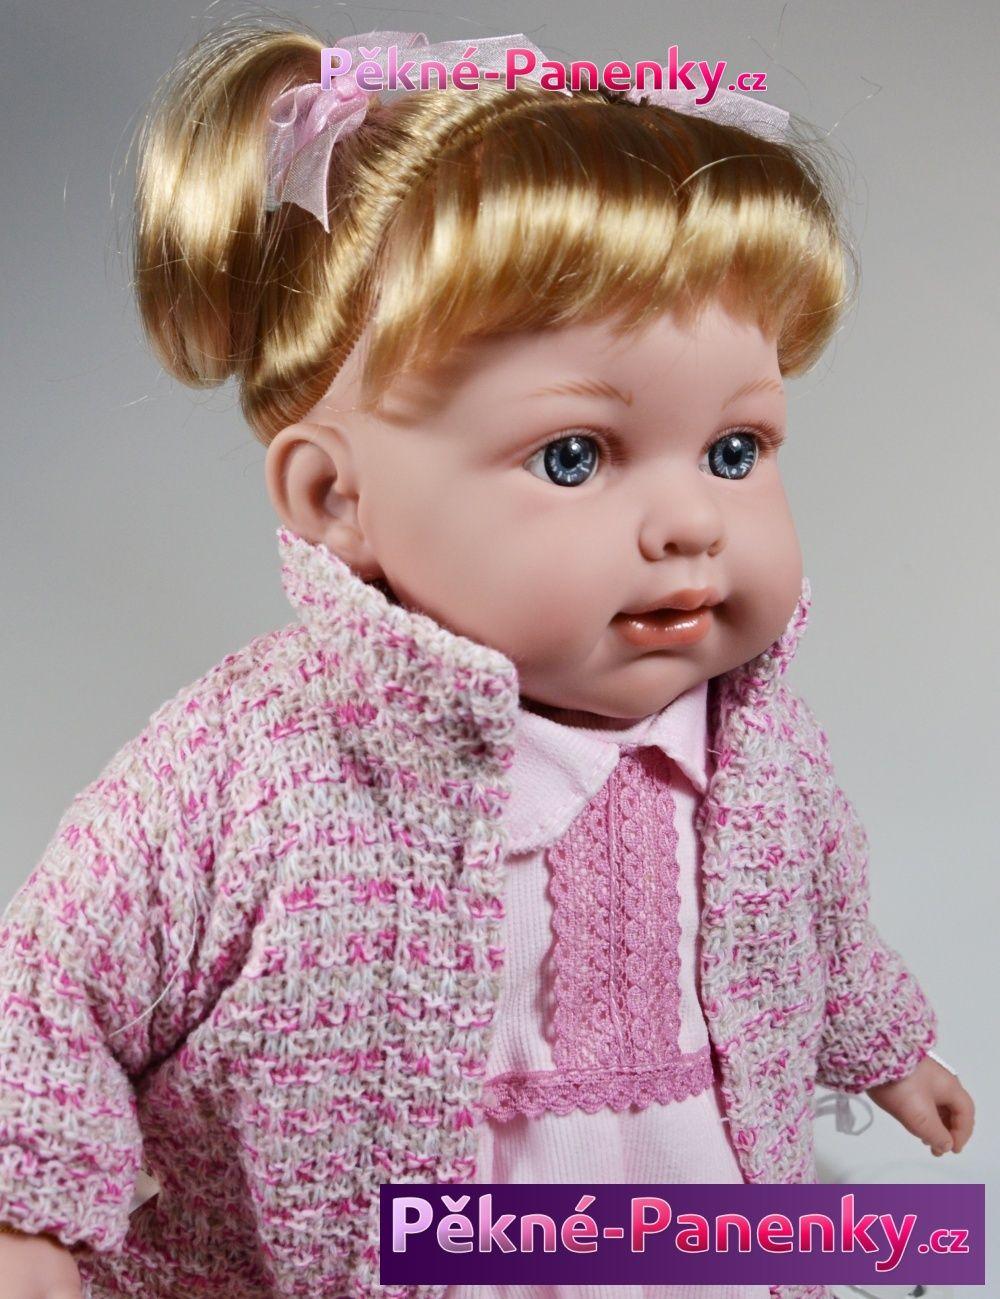 Arias realistická mluvící panenka s vlasy, kvalitní španělské panenky